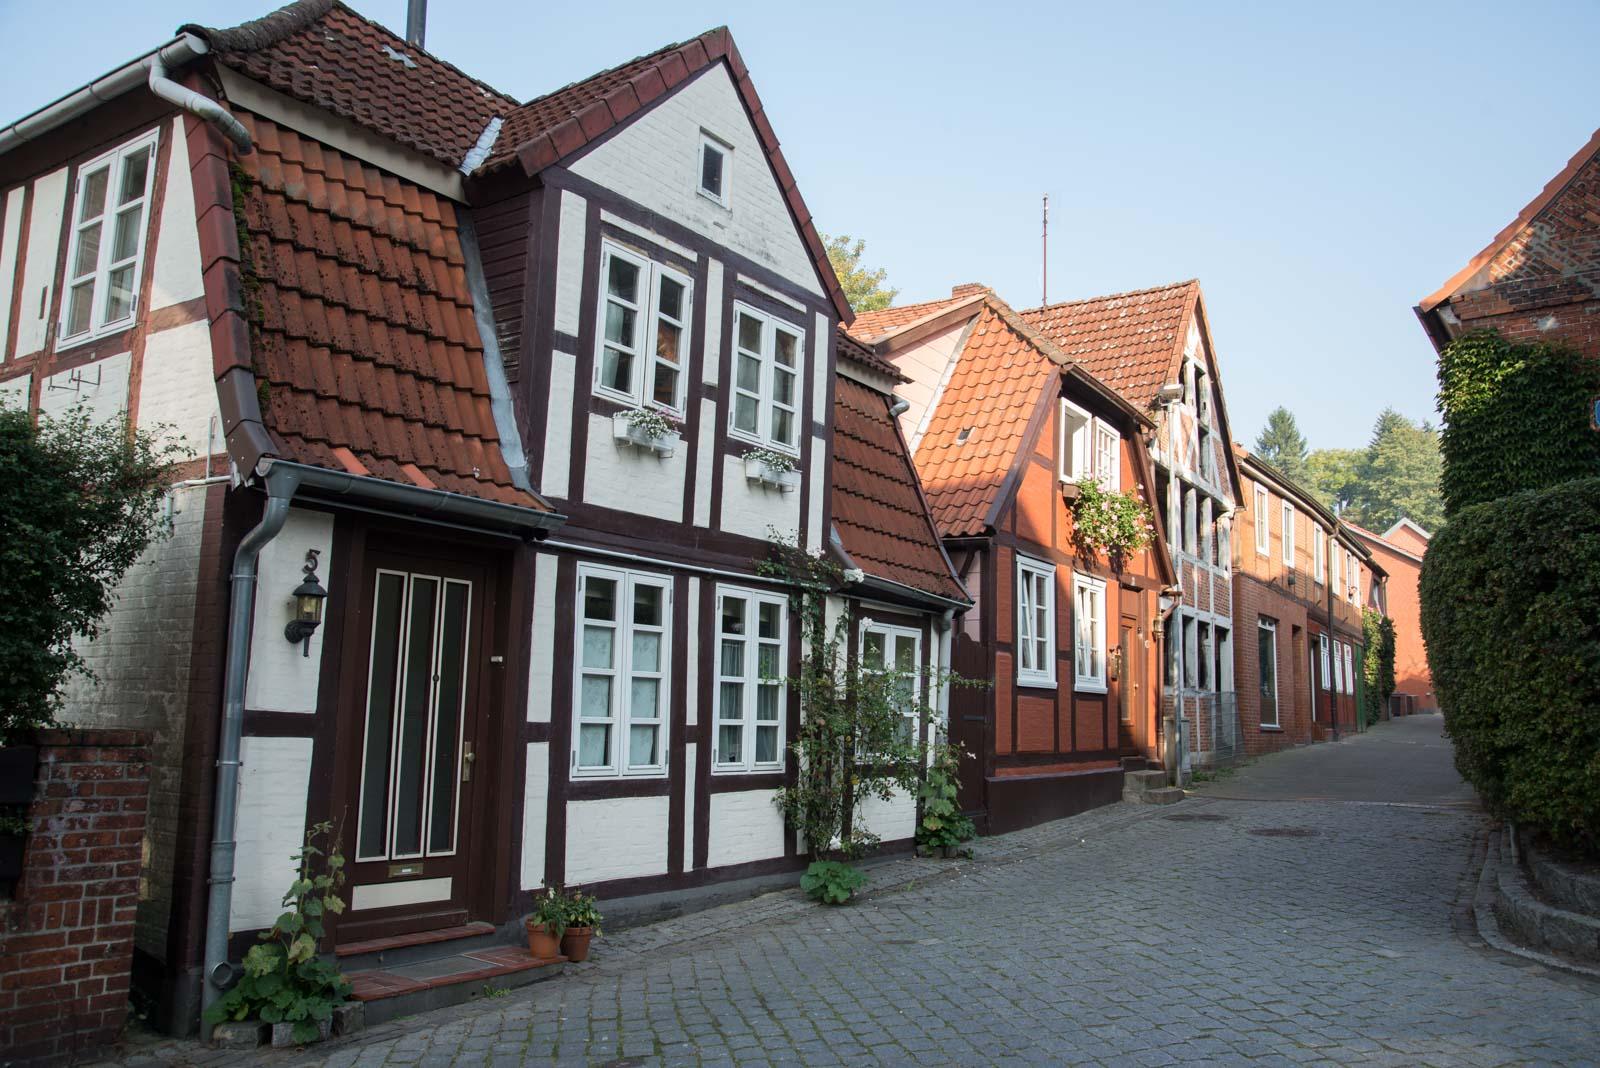 Idylliske hus på veien opp mot den nyere delen av byen.